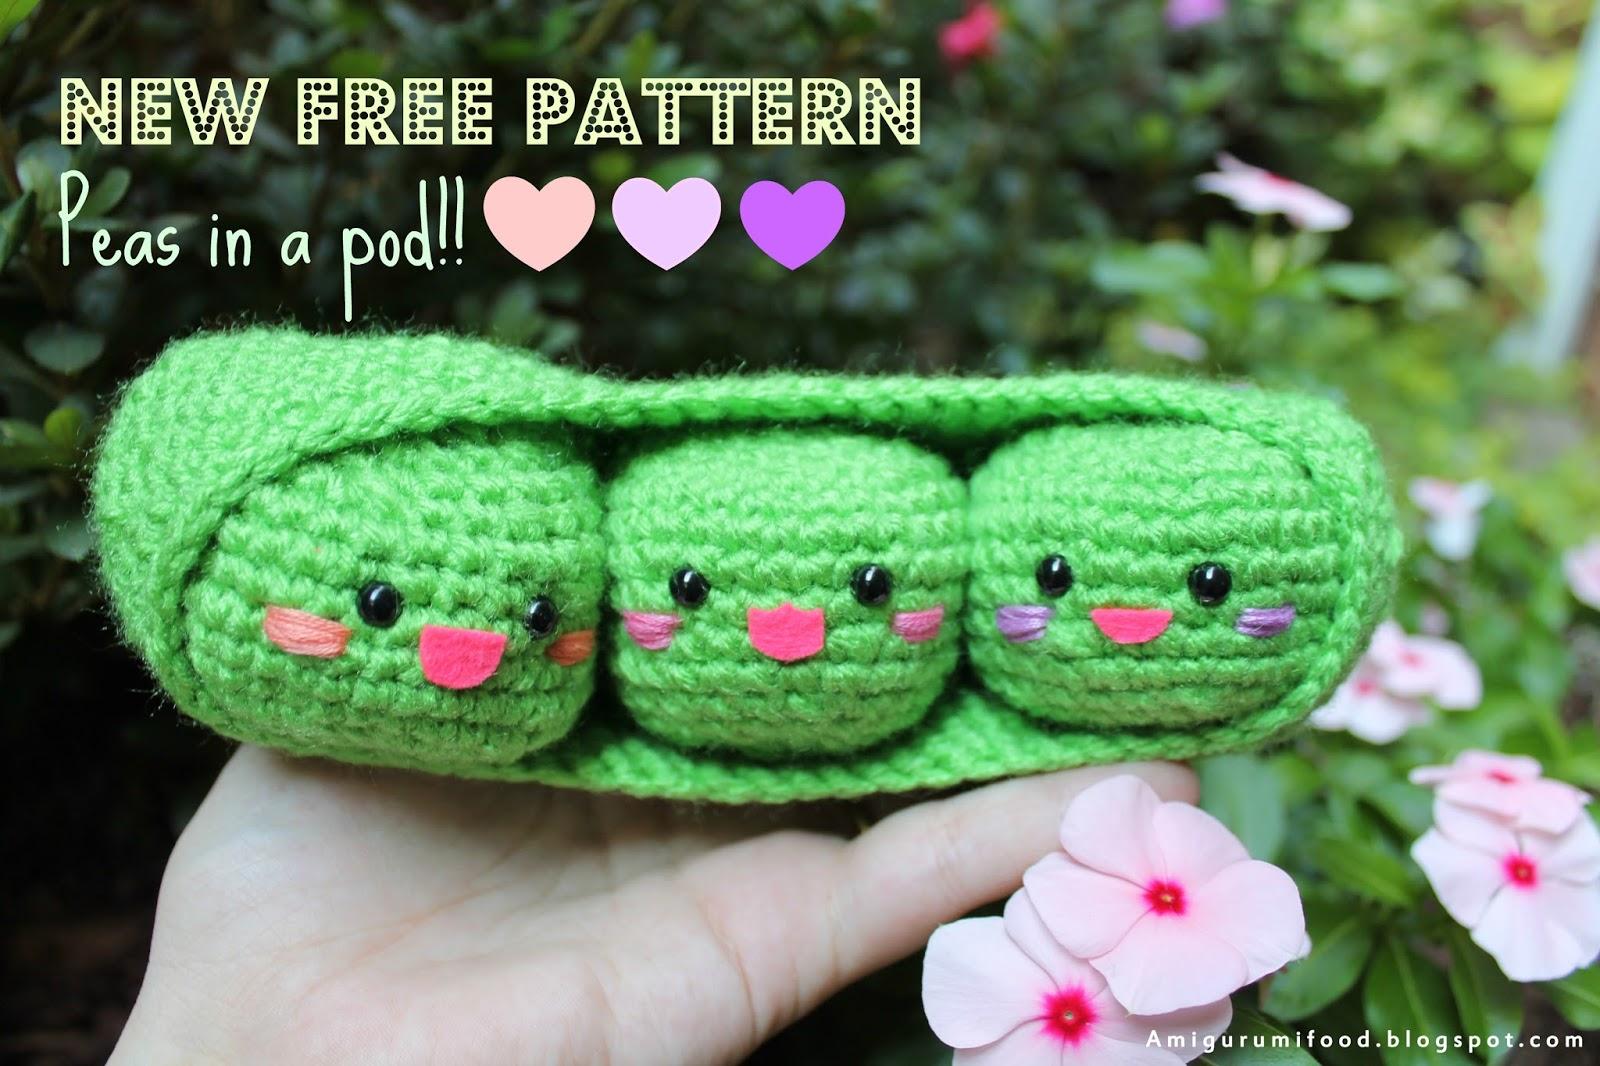 Amigurumi Harry Potter Free Pattern : Amigurumi Food: Peas in a Pod Amigurumi Food-Free pattern!!